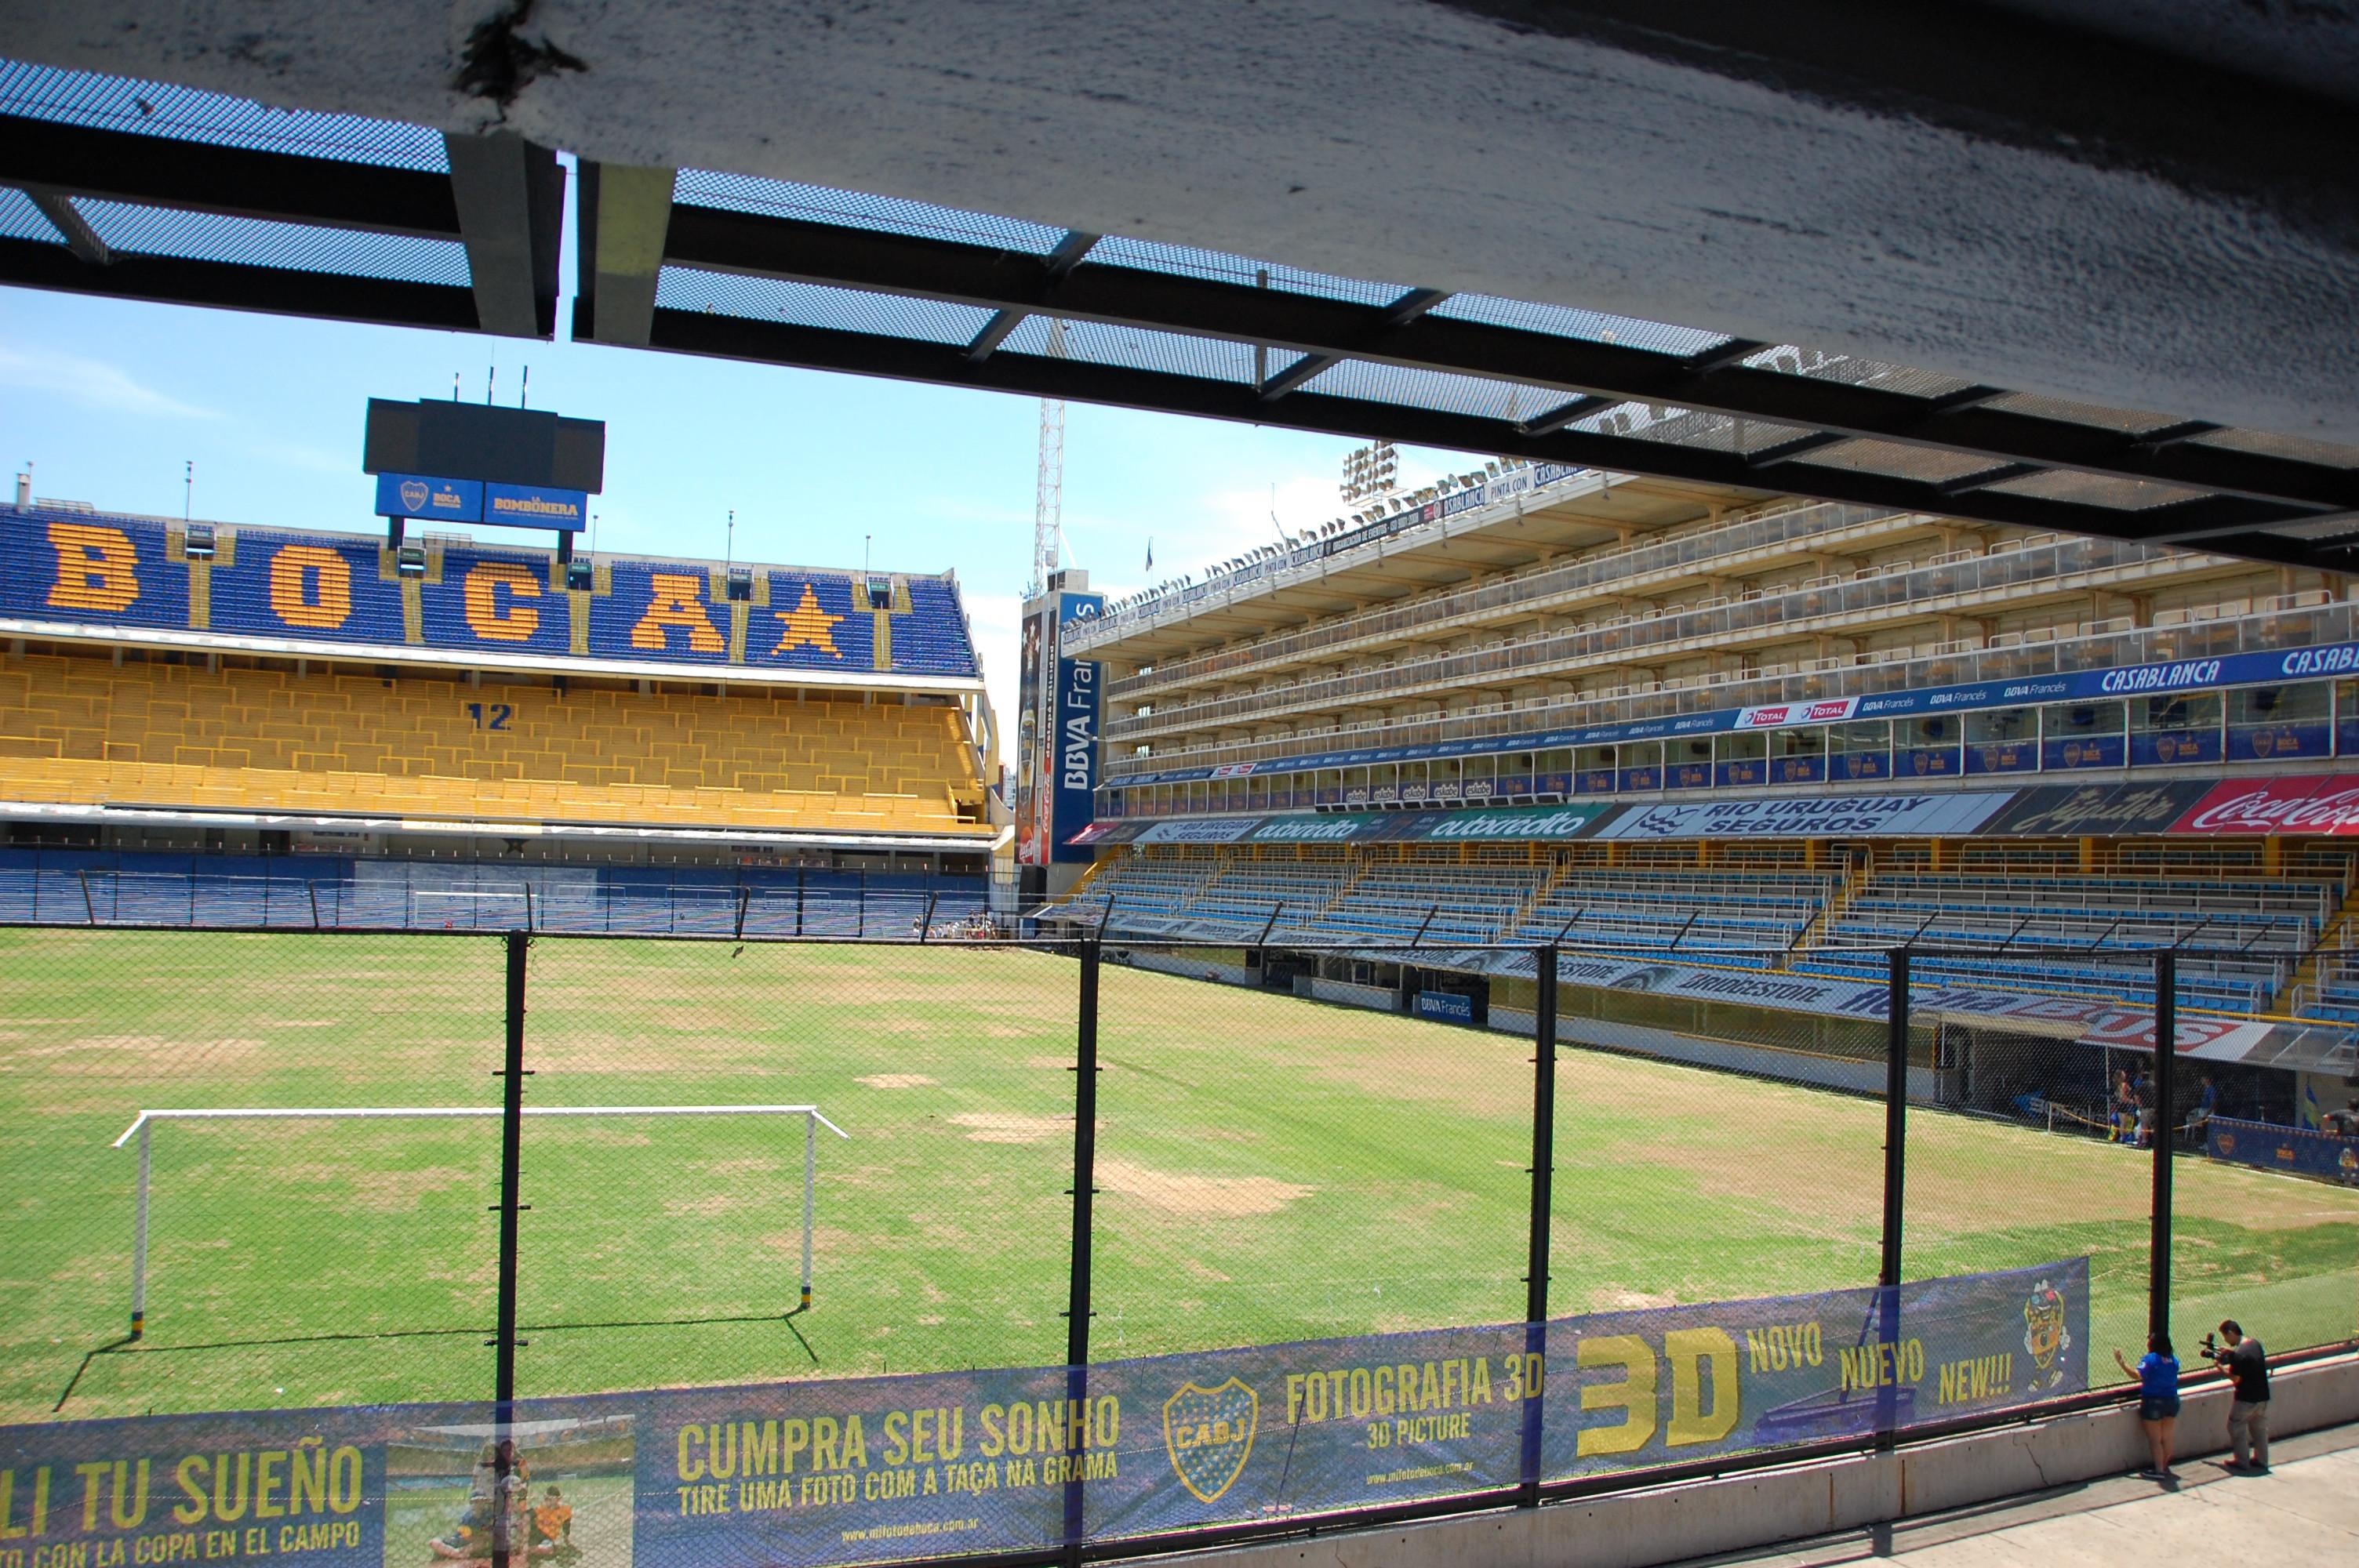 Buenos Aires rivista da me: un giro trasversale tra campi di calcio e storie di pallone